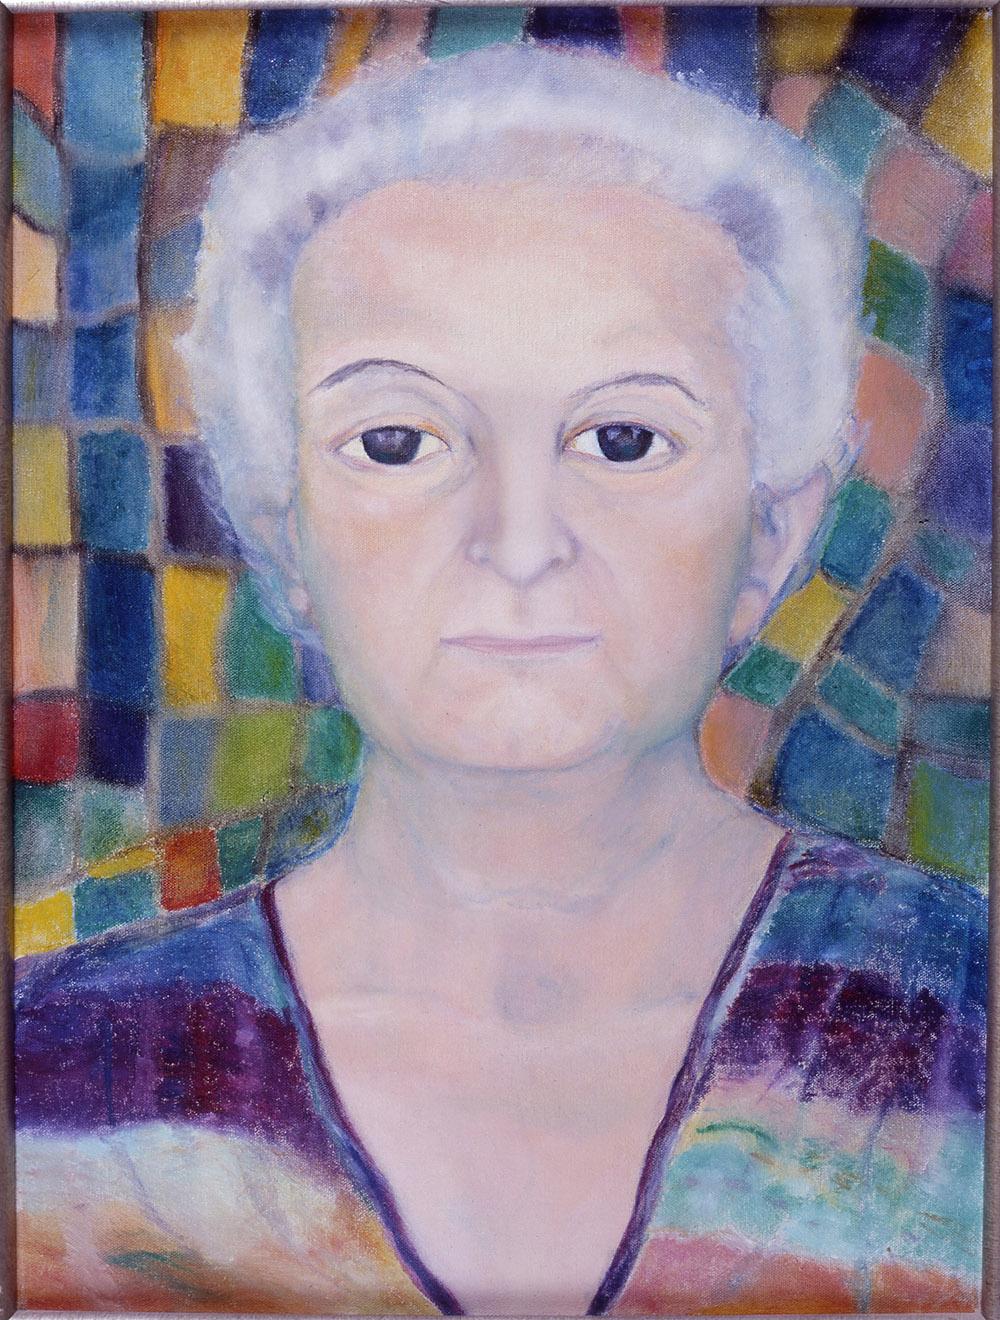 Letterina Niccoli, 1988